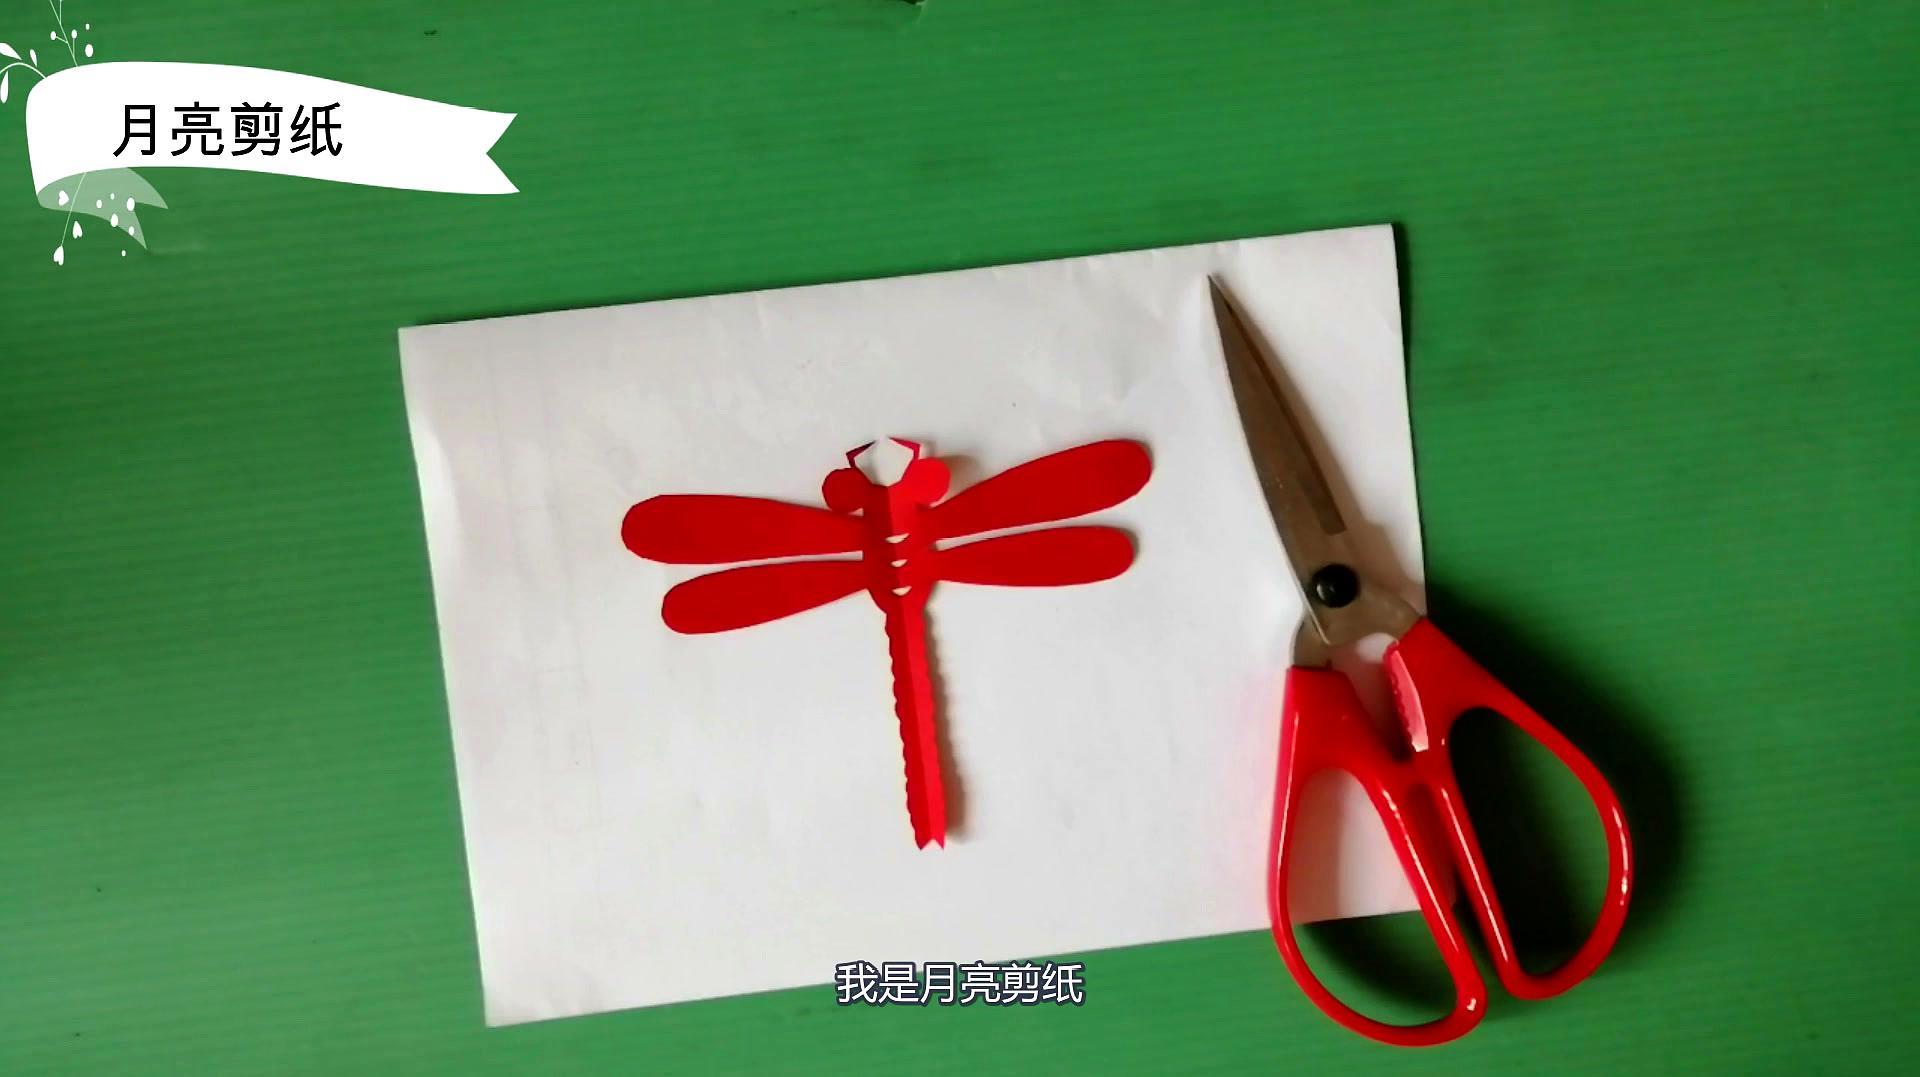 蜻蜓剪纸教学,简单易学又好看!